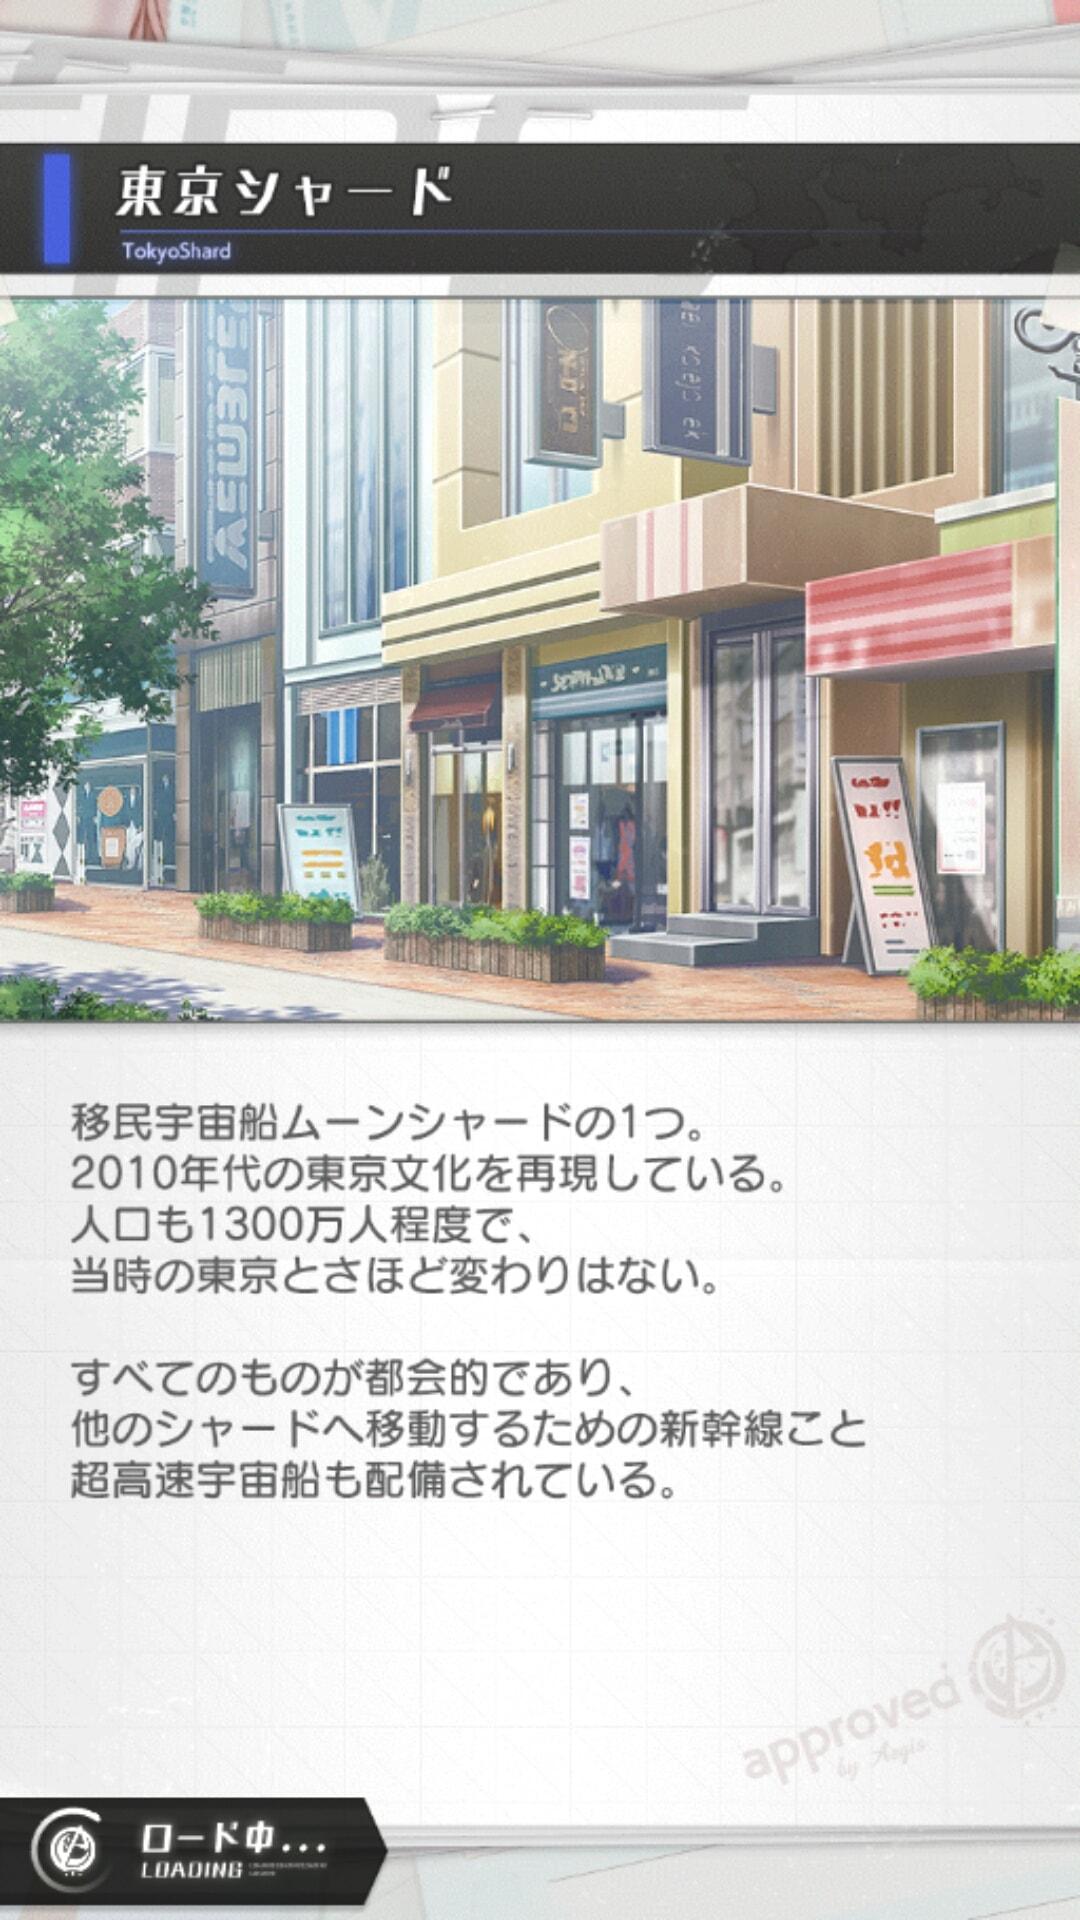 東京シャード.jpg